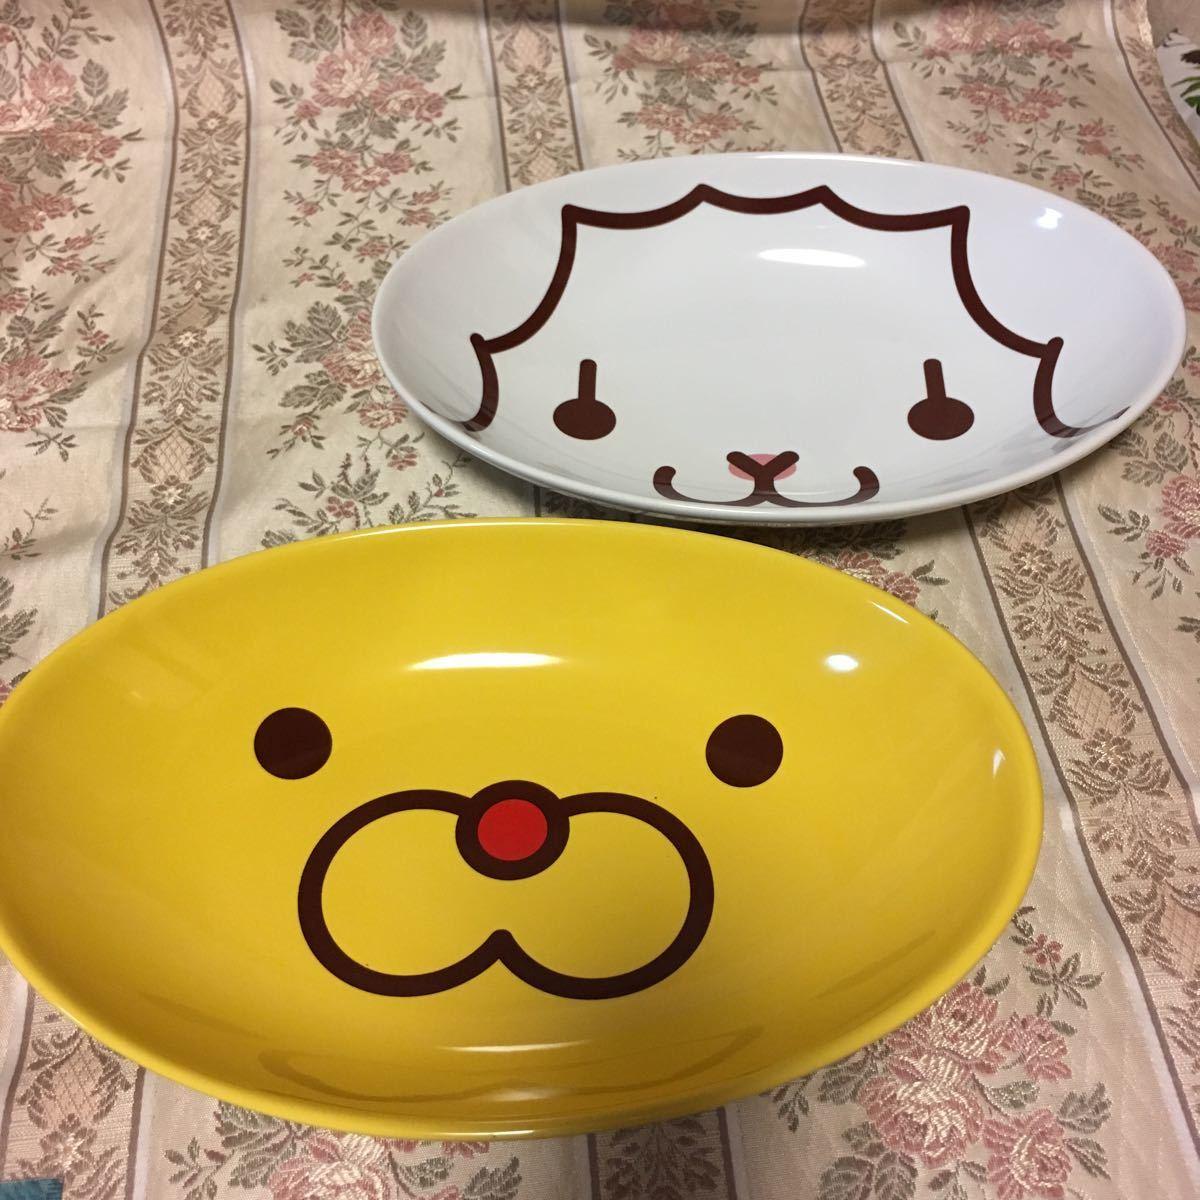 美品★ミスタードーナツ ポンデライオン& フレンチウーラー カレー皿 2枚セット_画像1